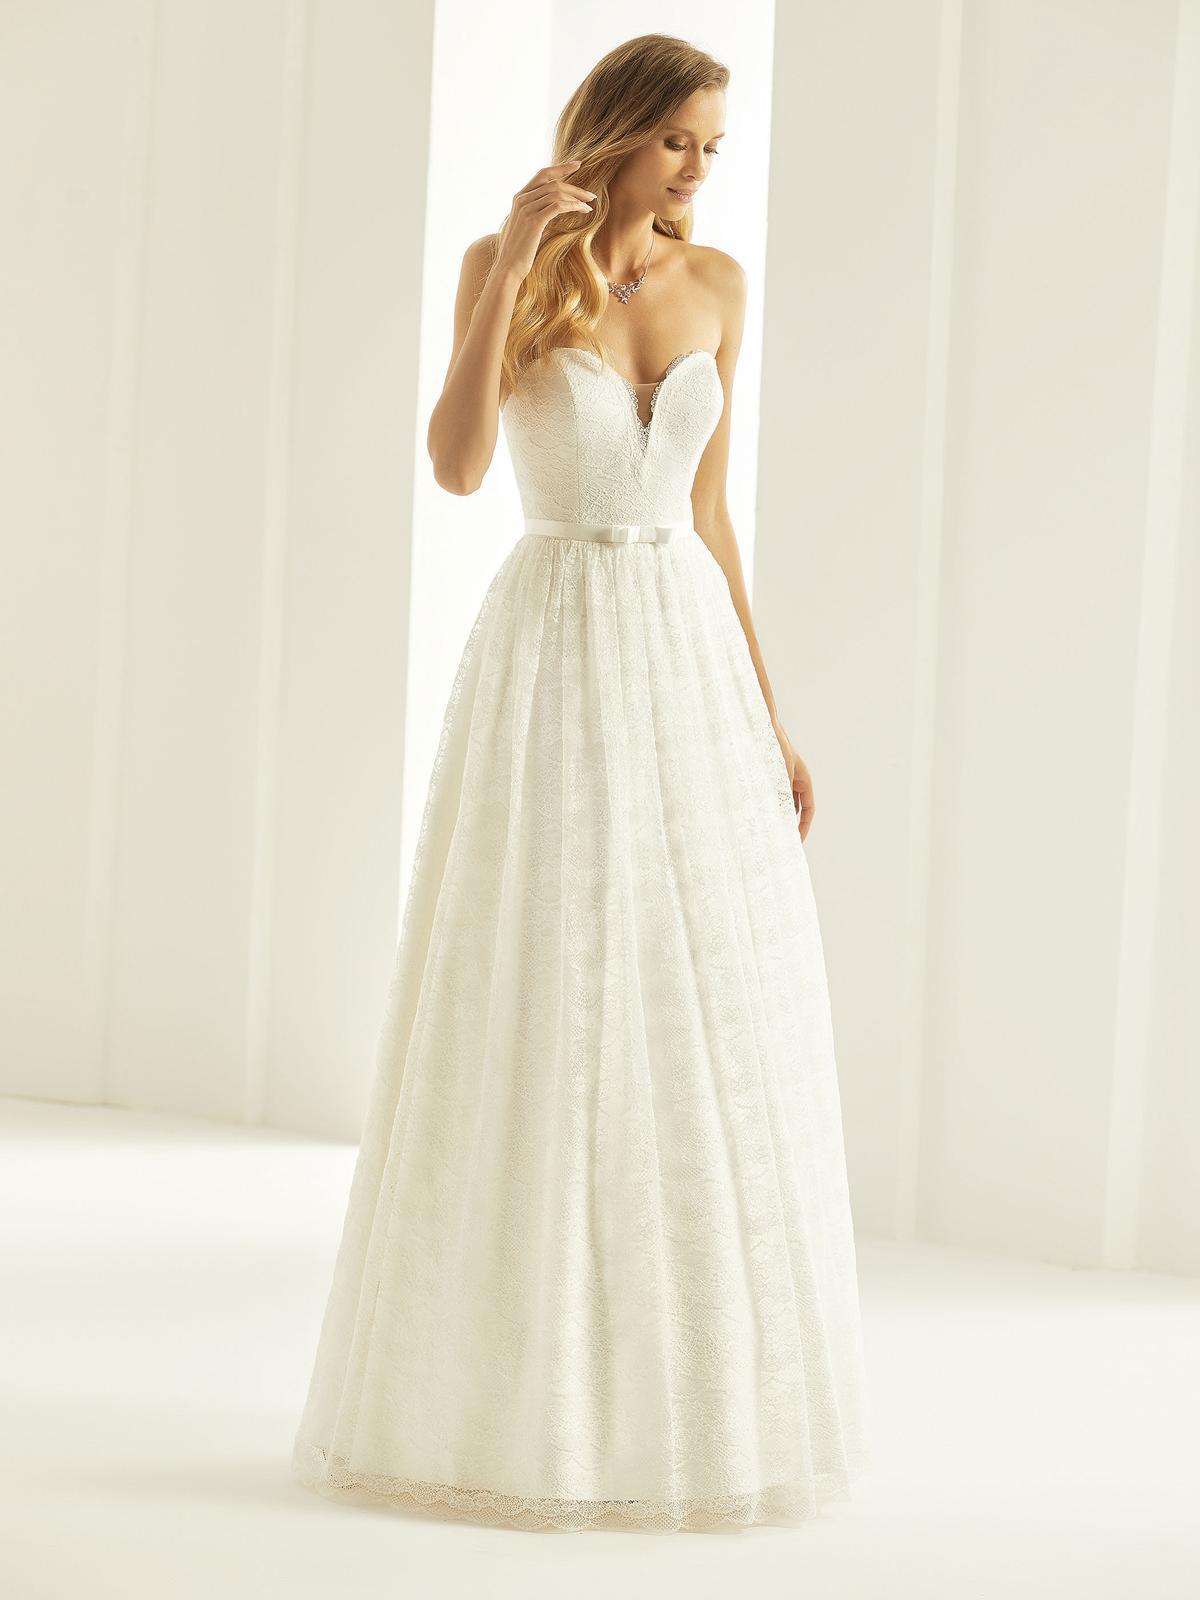 boho celokrajkové svatební šaty velmi. 38 - Obrázek č. 1